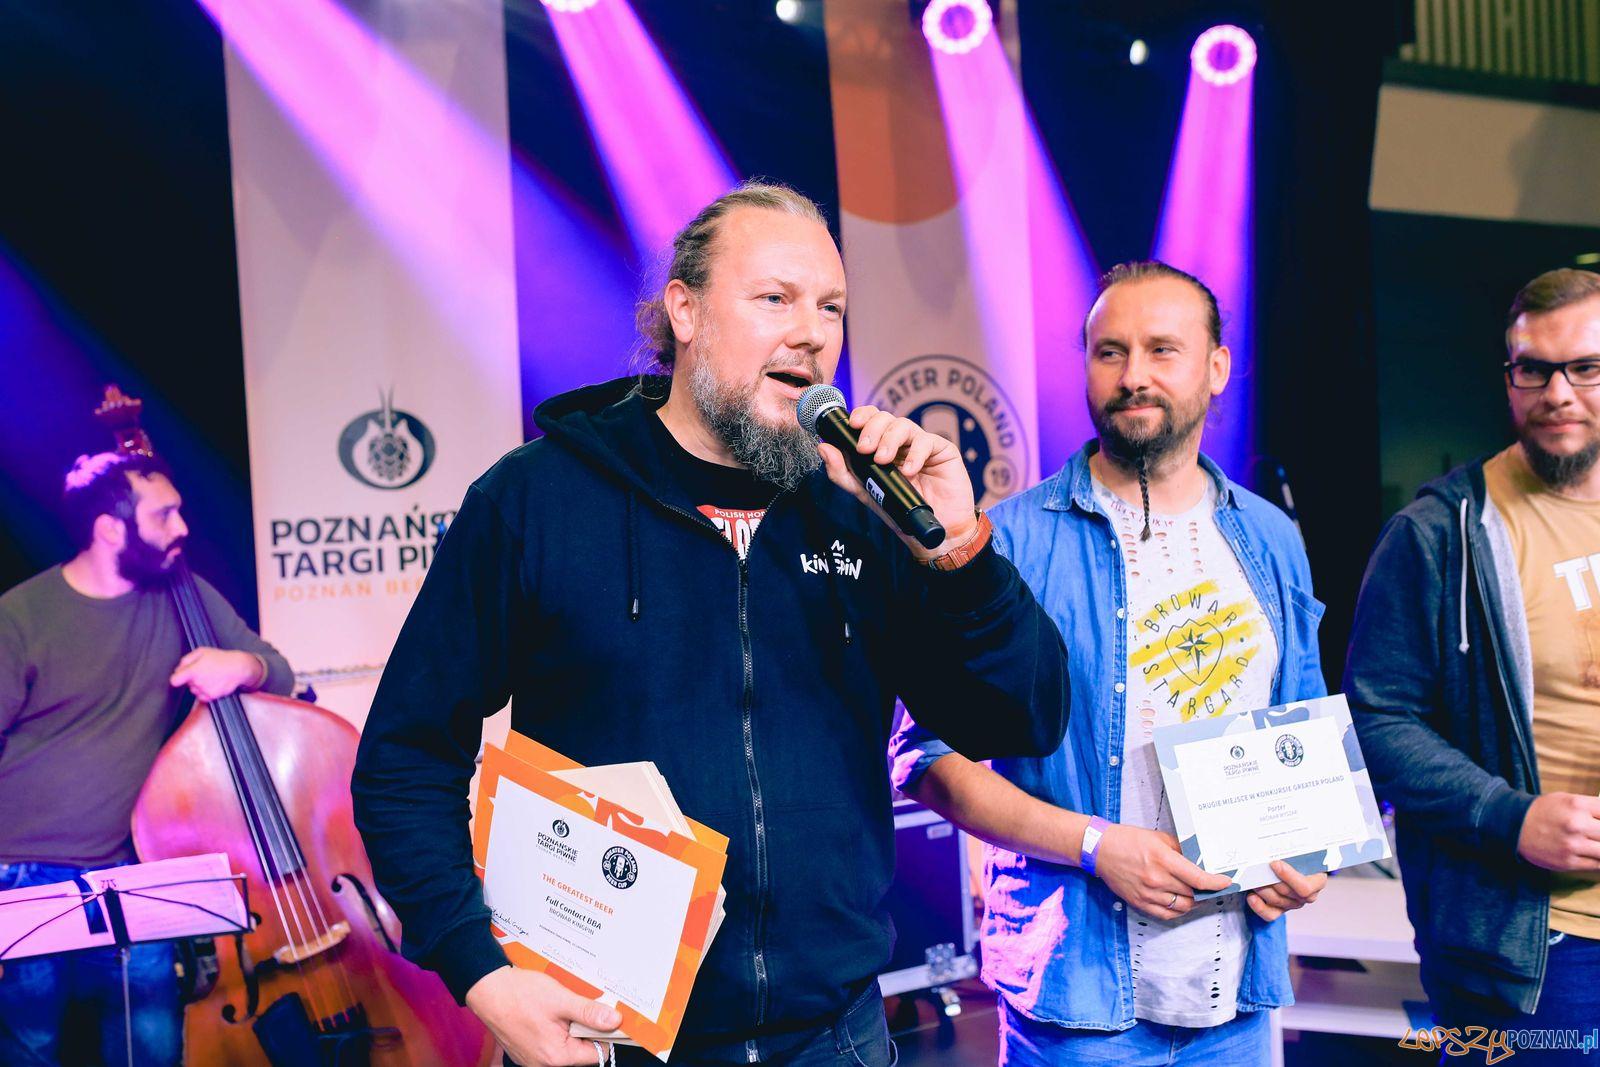 Targi Piwne - nagrodzeni  Foto: Bartosz Pussak / materiały prasowe